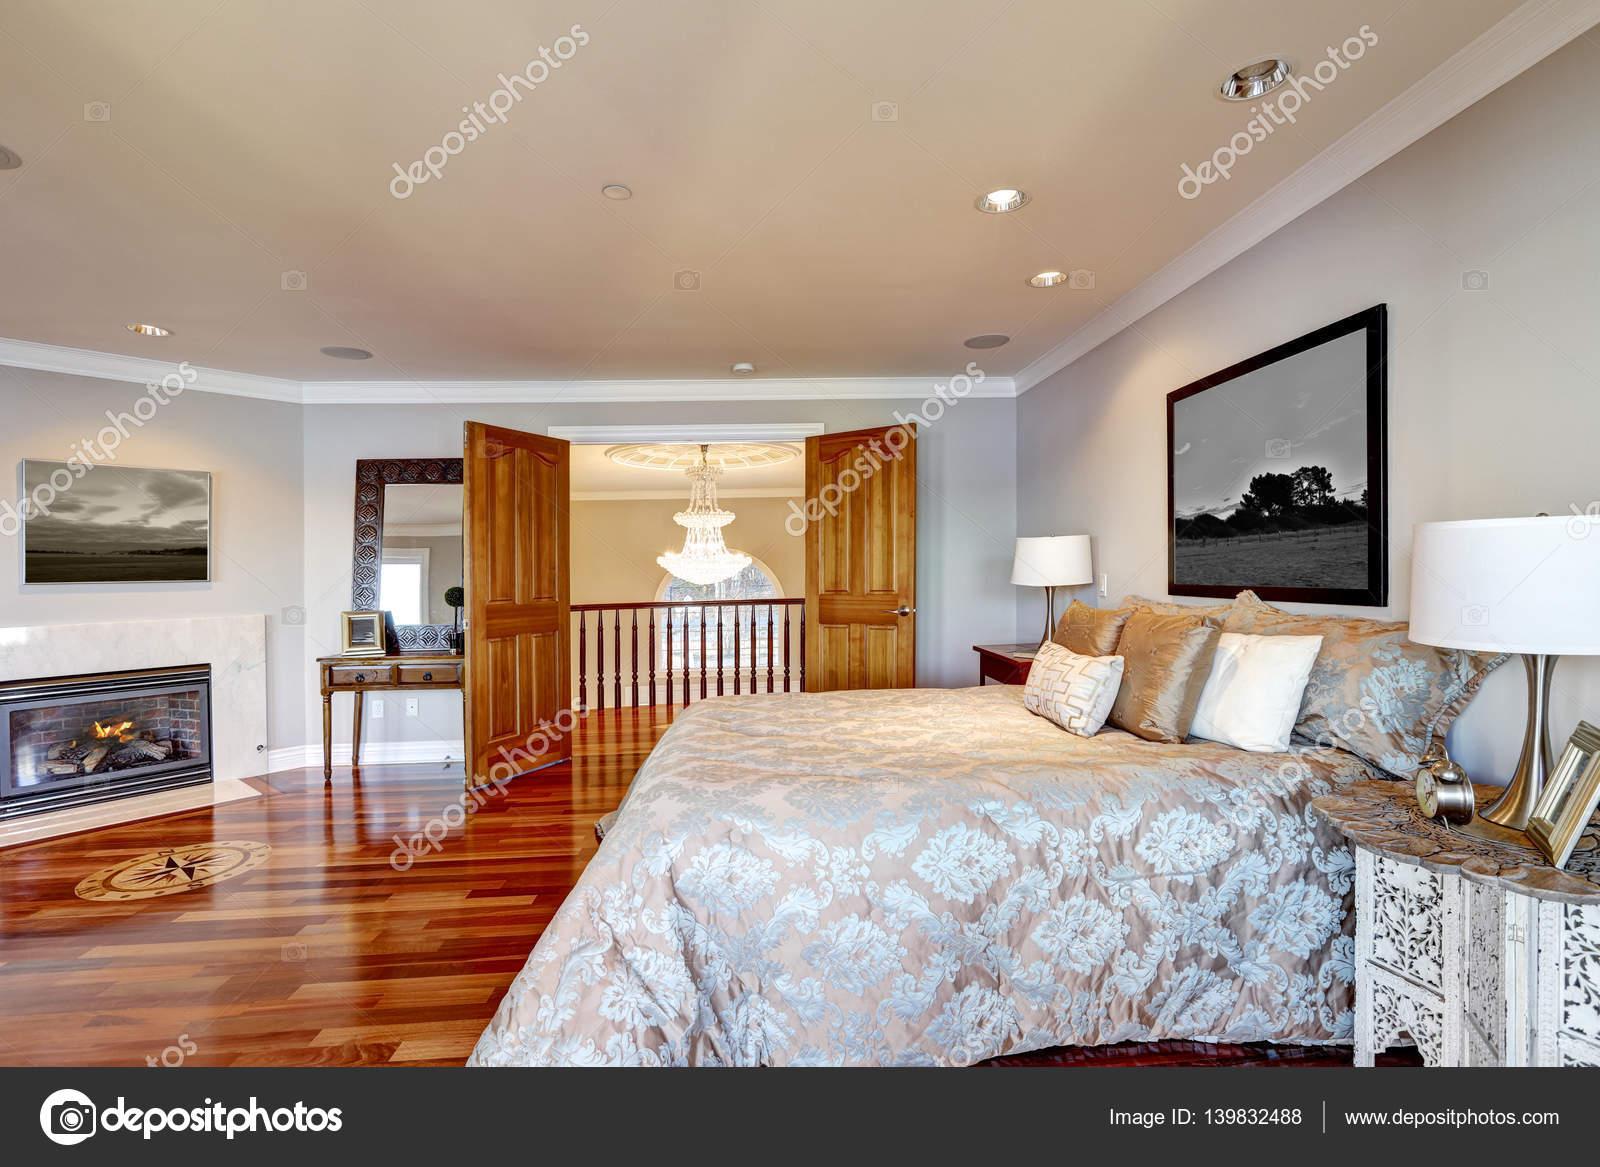 Camera da letto elegante maestro interiore con il camino foto stock iriana88w 139832488 - Camera da letto con camino ...